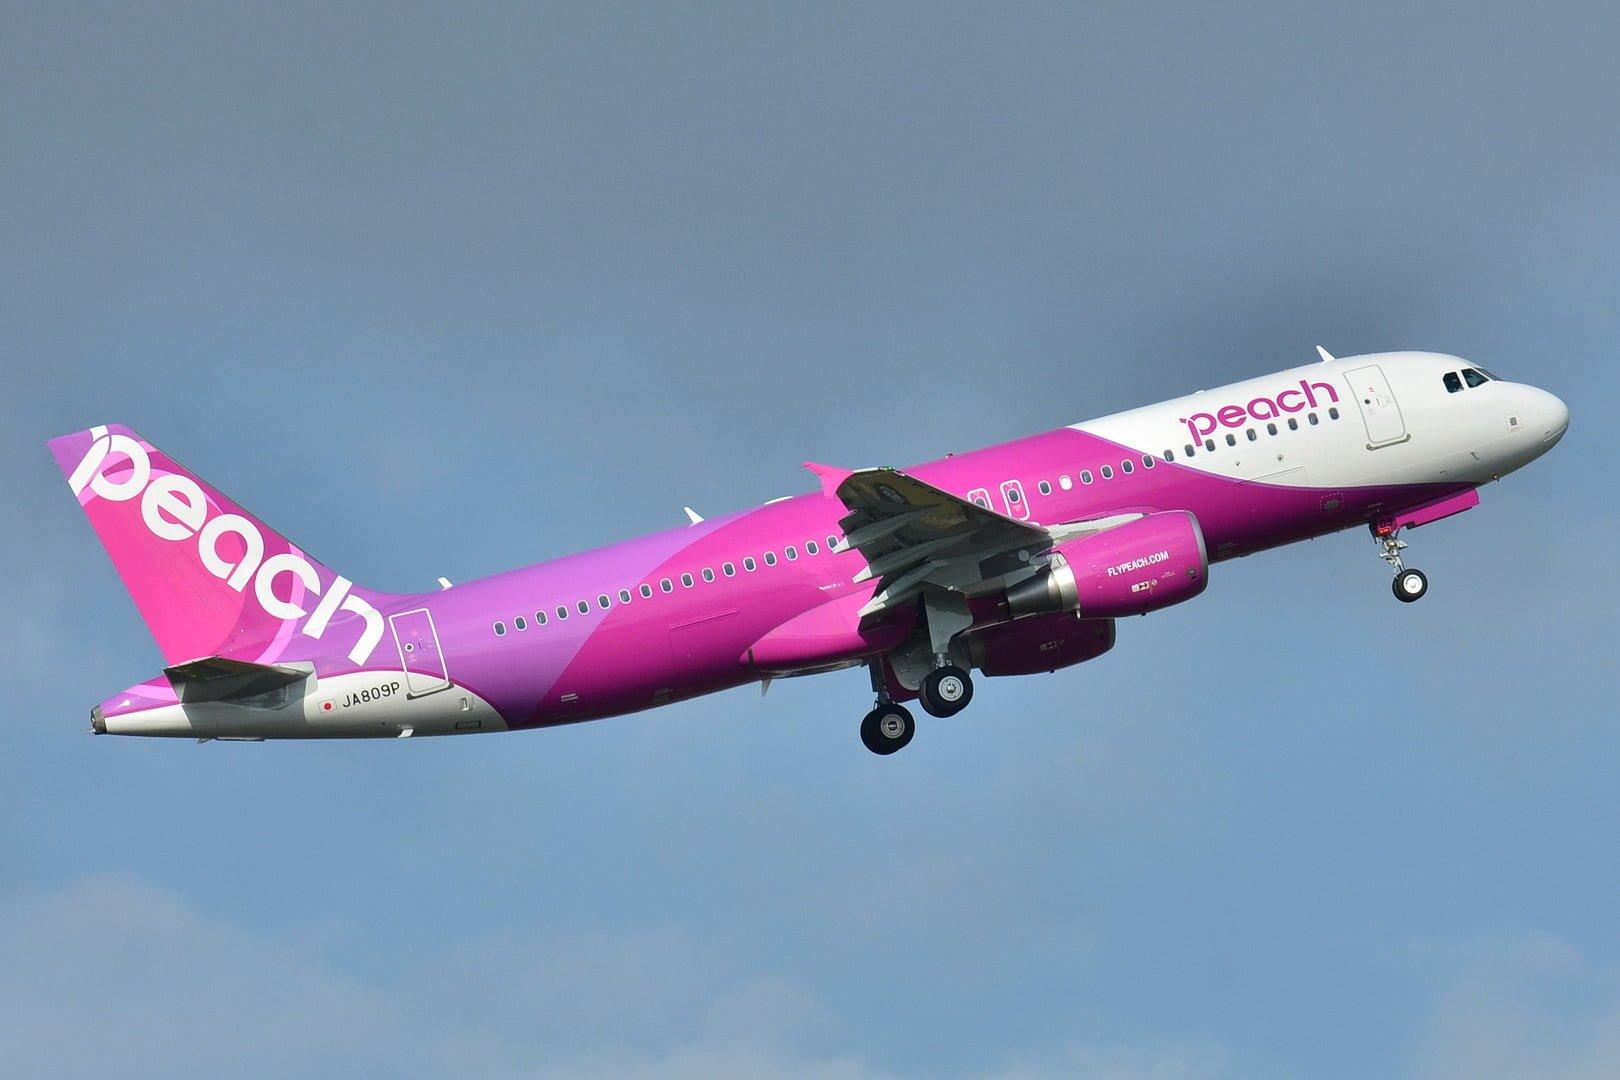 樂桃航空 8 月限時促銷 日本機票優惠 1080 起